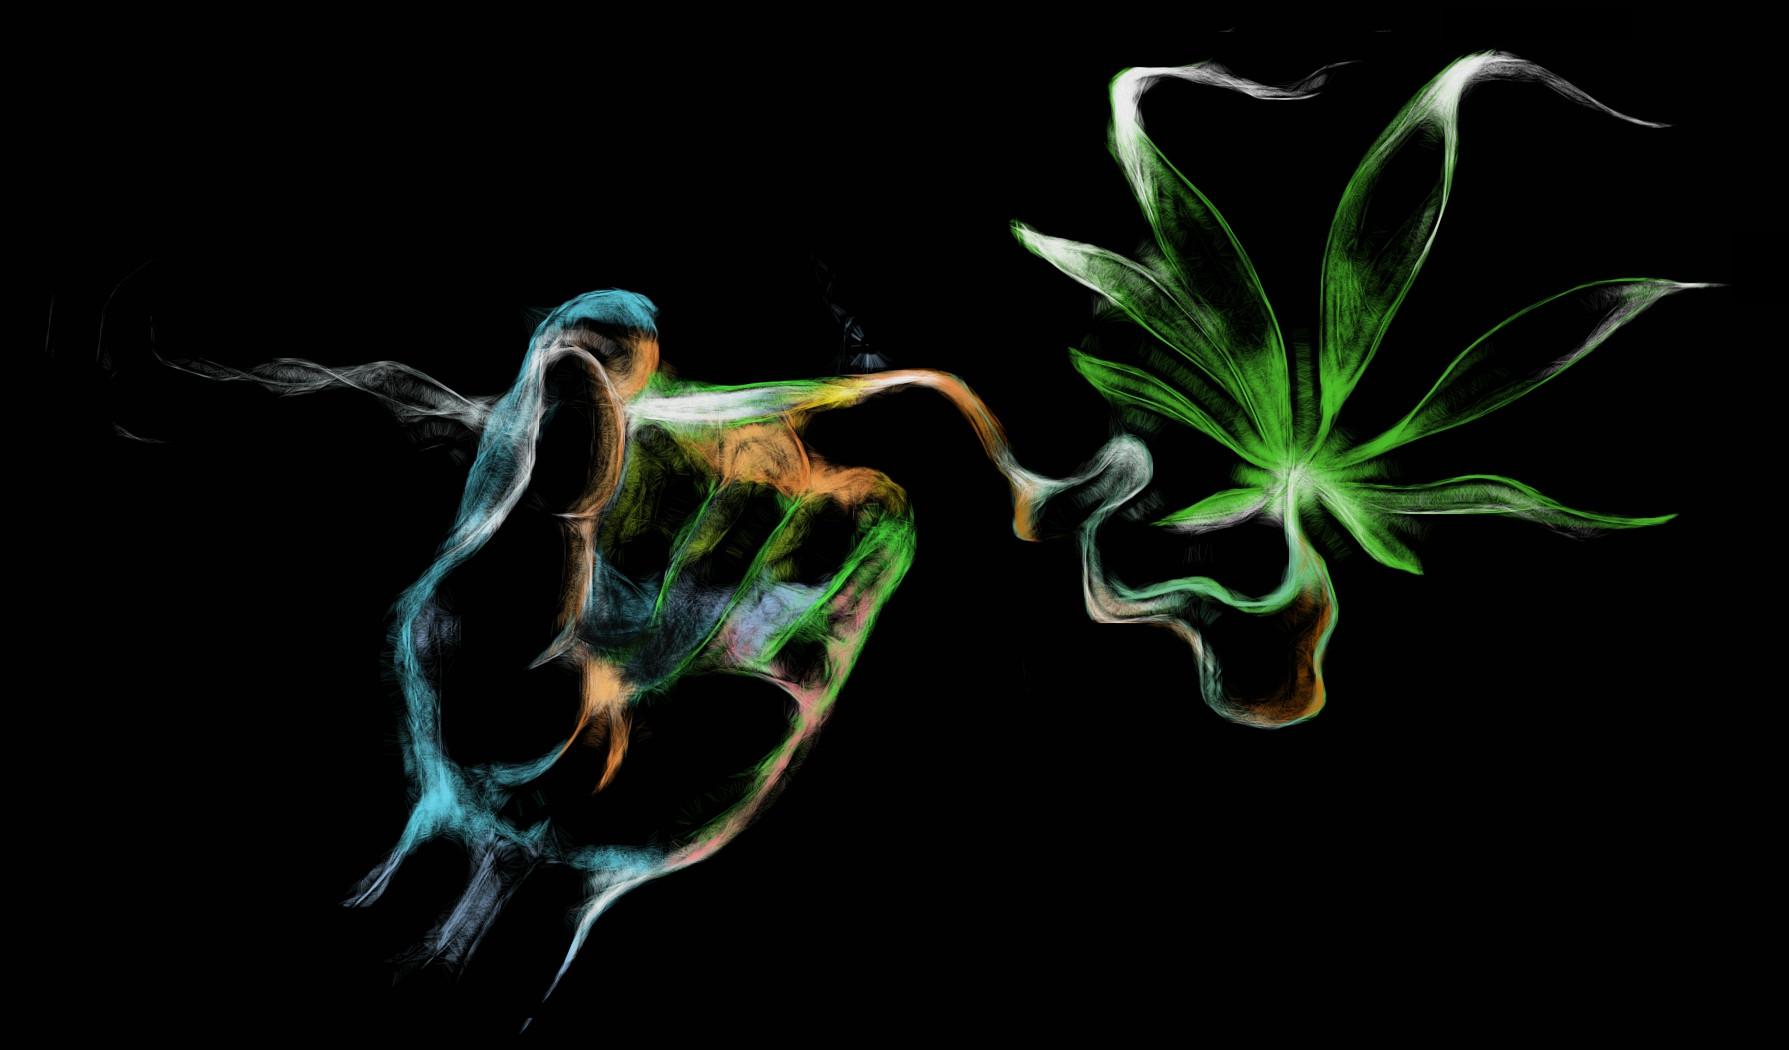 Weed Desktop Backgrounds 15 Weed Desktop Backgrounds 16 Weed 1789x1050